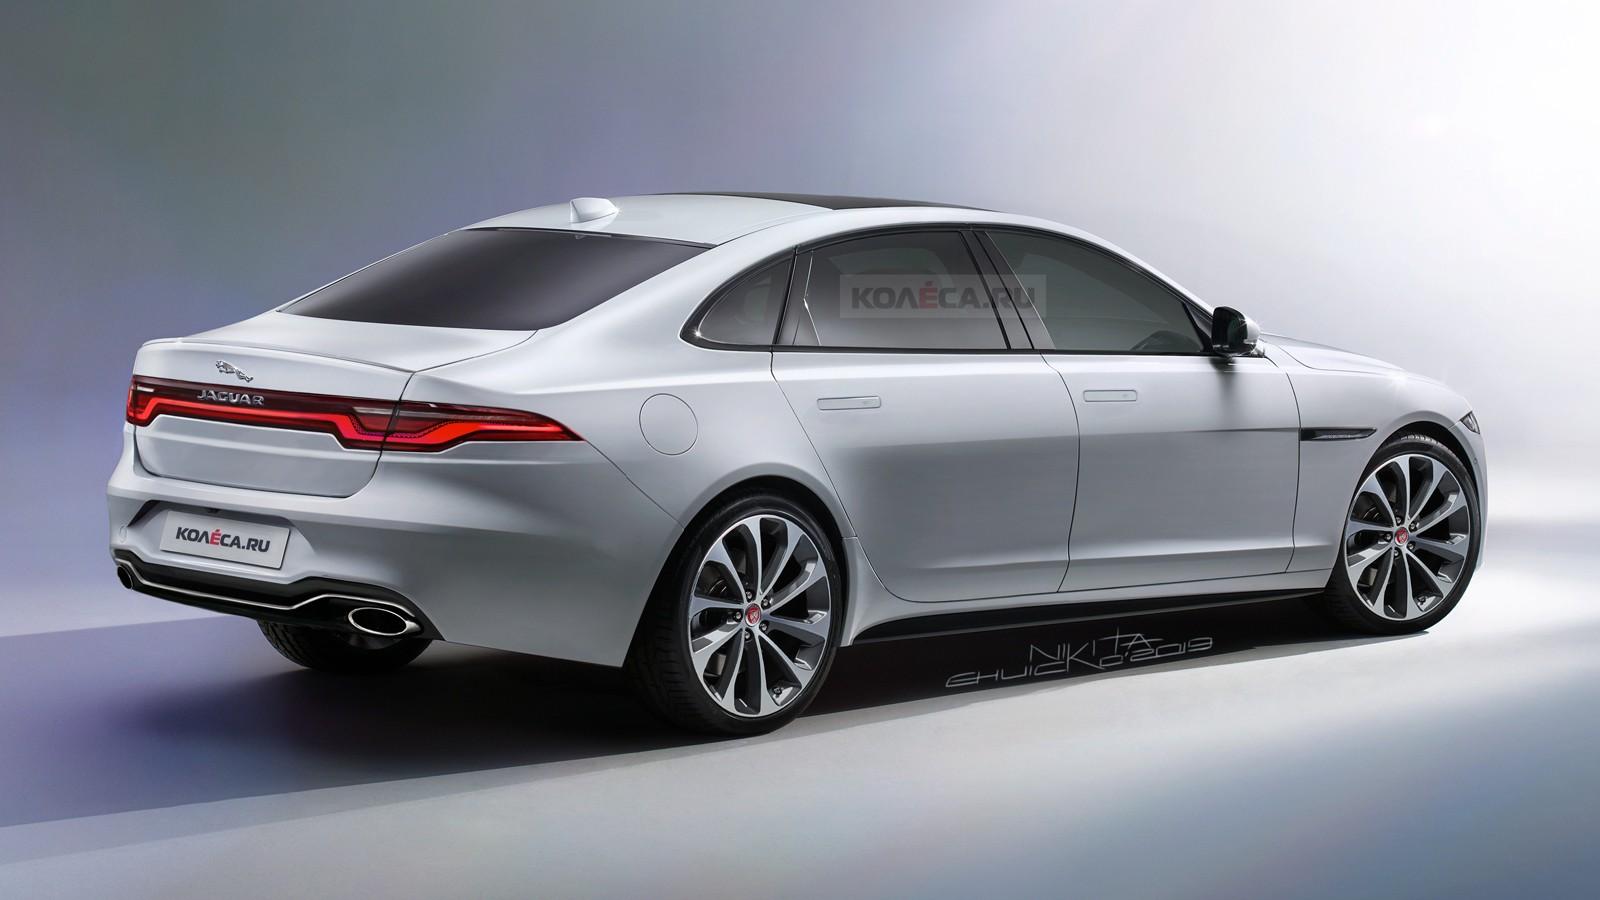 Новый Jaguar XJ 2020 - КОЛЕСА.ру - автомобильный журнал